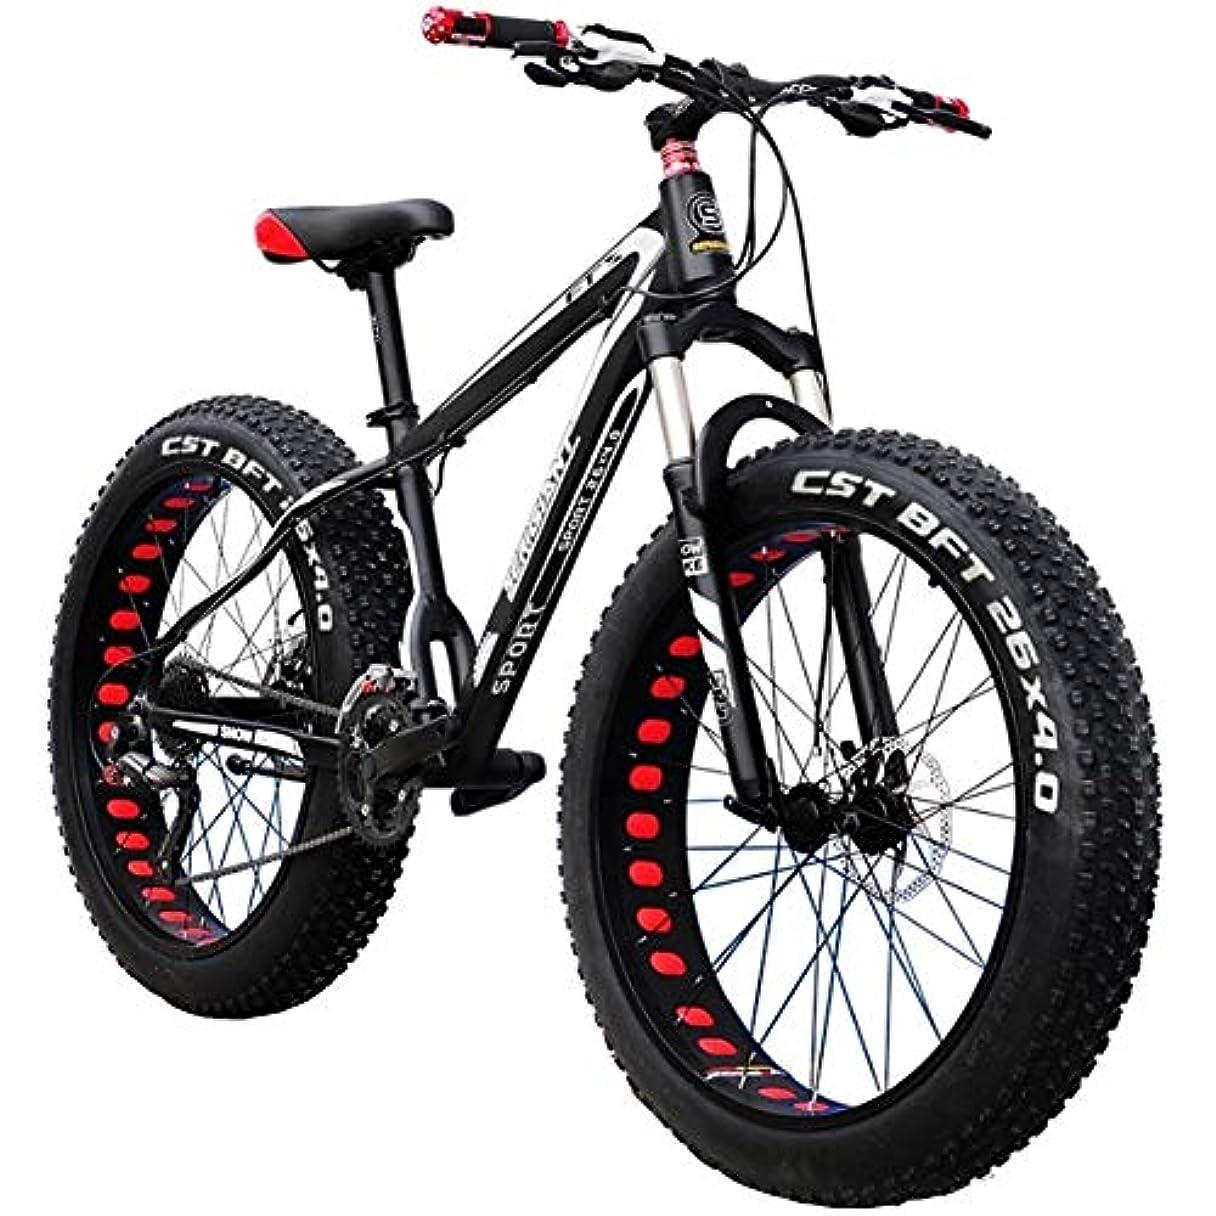 したがって膨張する平和的Outroadマウンテンバイク30スピード滑り止め自転車24インチファットタイヤ砂のバイクエクササイズバイクダブルオイルブレーキロック可能なフォーク、青または黒のためにフィットネス、通勤、クロスカントリー (Color : Black, Size : 26 inch)